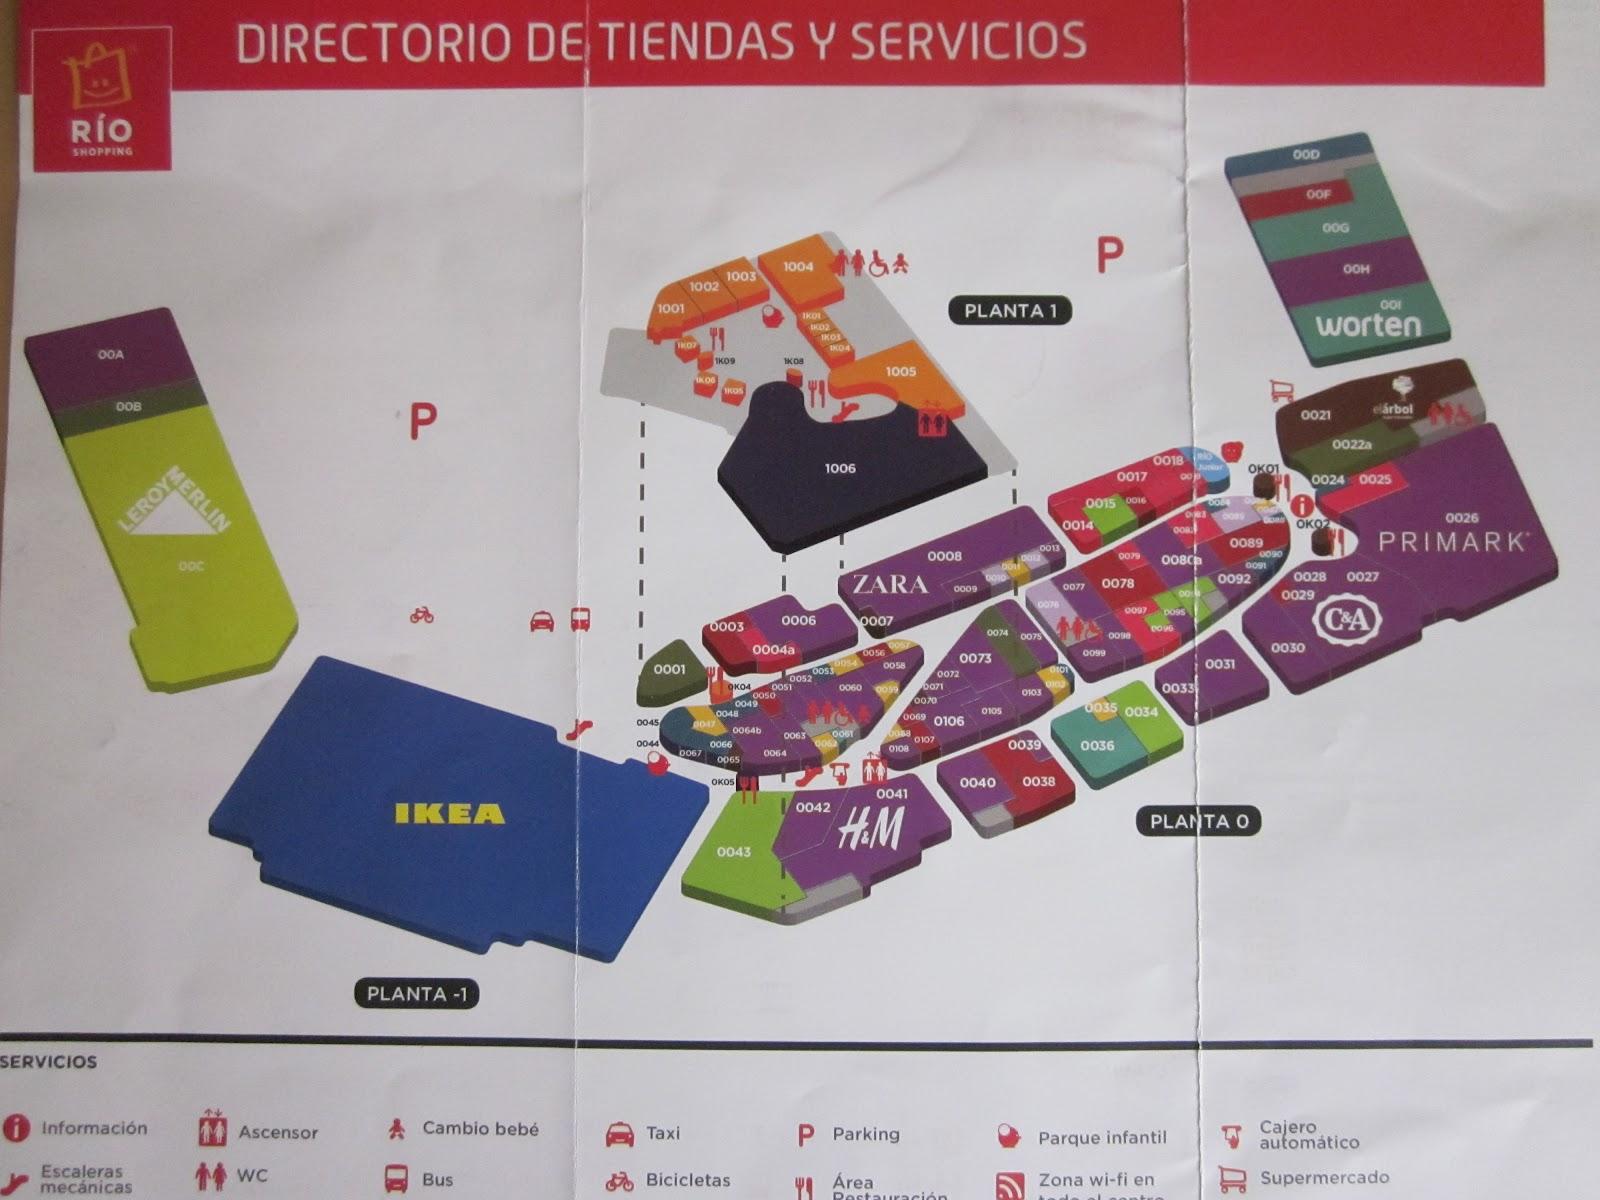 Susana personal shopper valladolid ya abri sus puertas for Autobus rio shopping valladolid